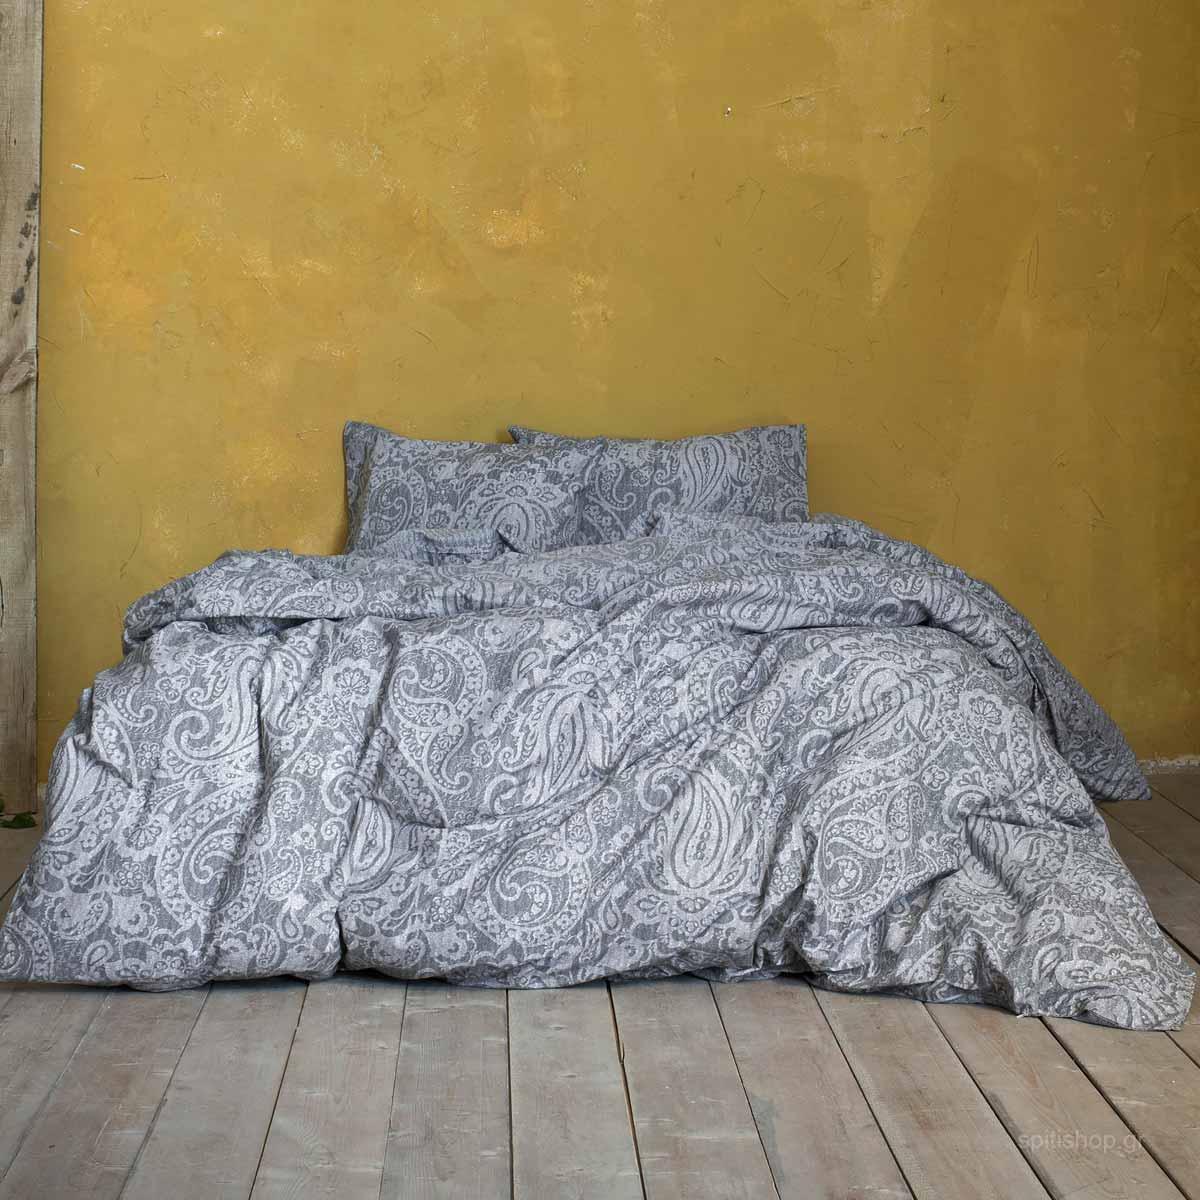 Σεντόνια Υπέρδιπλα (Σετ 240×260) Nima Bed Linen Idalia Grey ΧΩΡΙΣ ΛΑΣΤΙΧΟ 240×260 ΧΩΡΙΣ ΛΑΣΤΙΧΟ 240×260